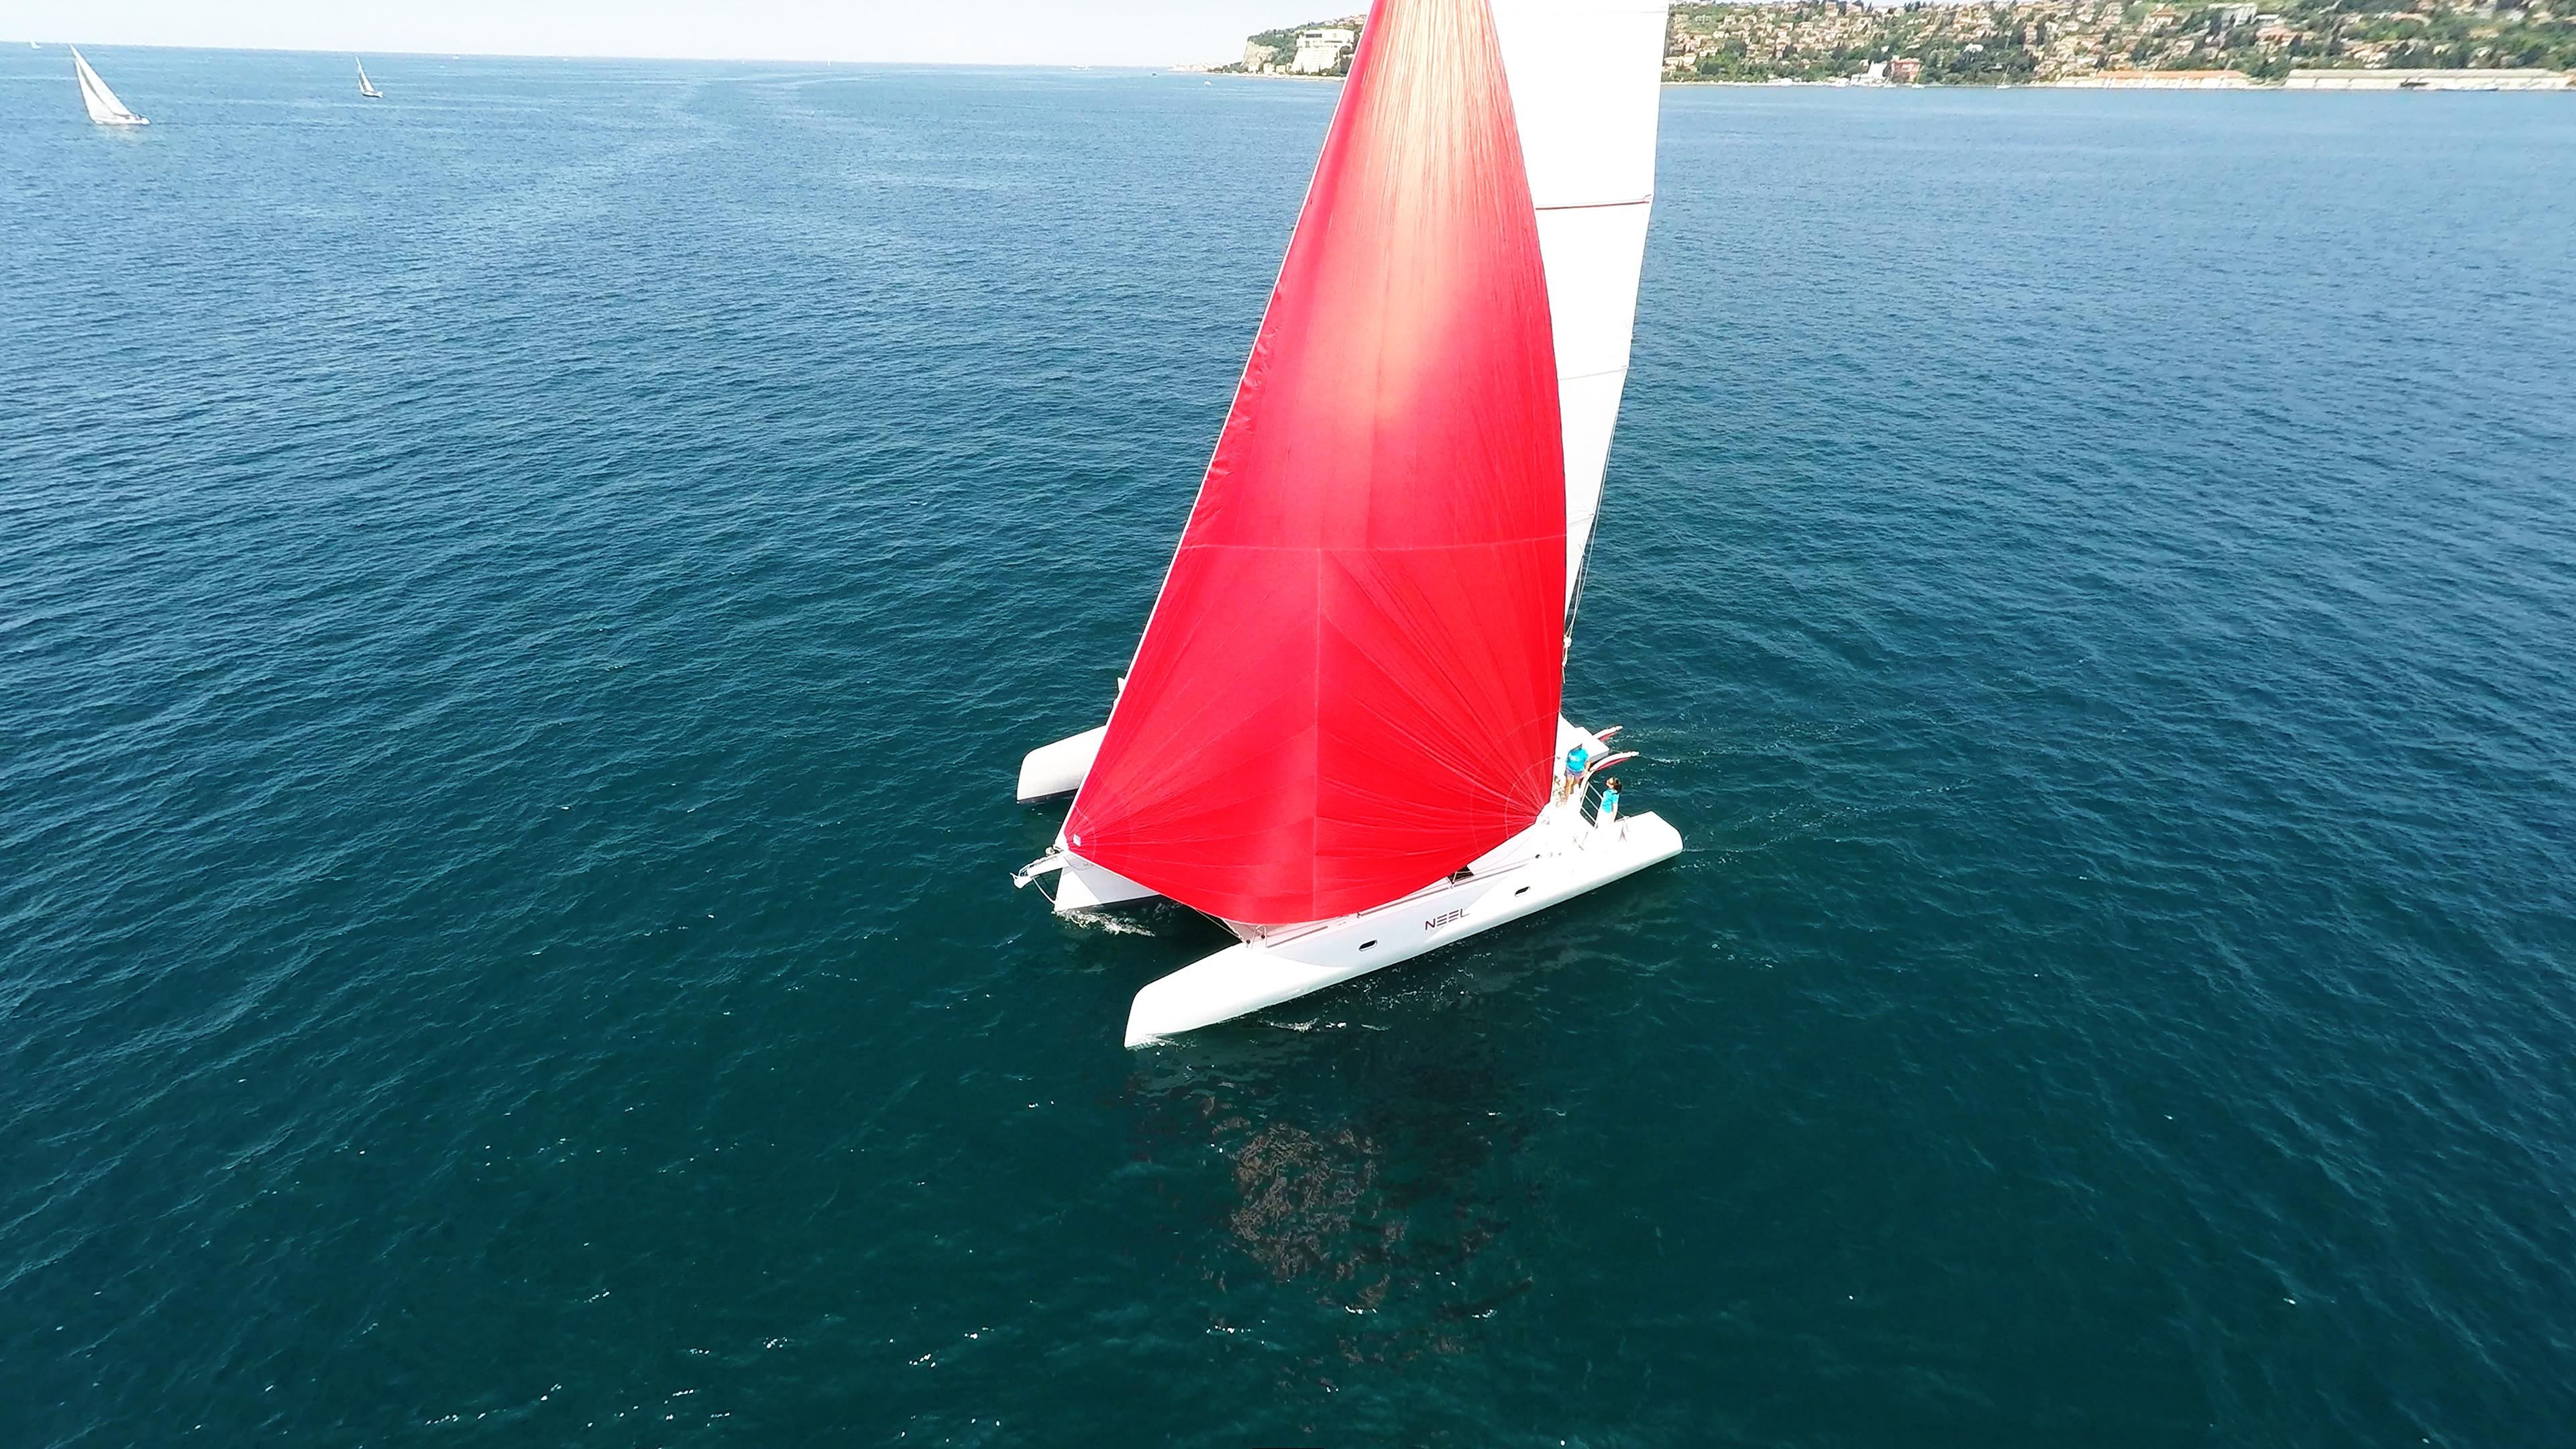 rosso gennaker turchese equipaggio bianco barca a vela neel 45